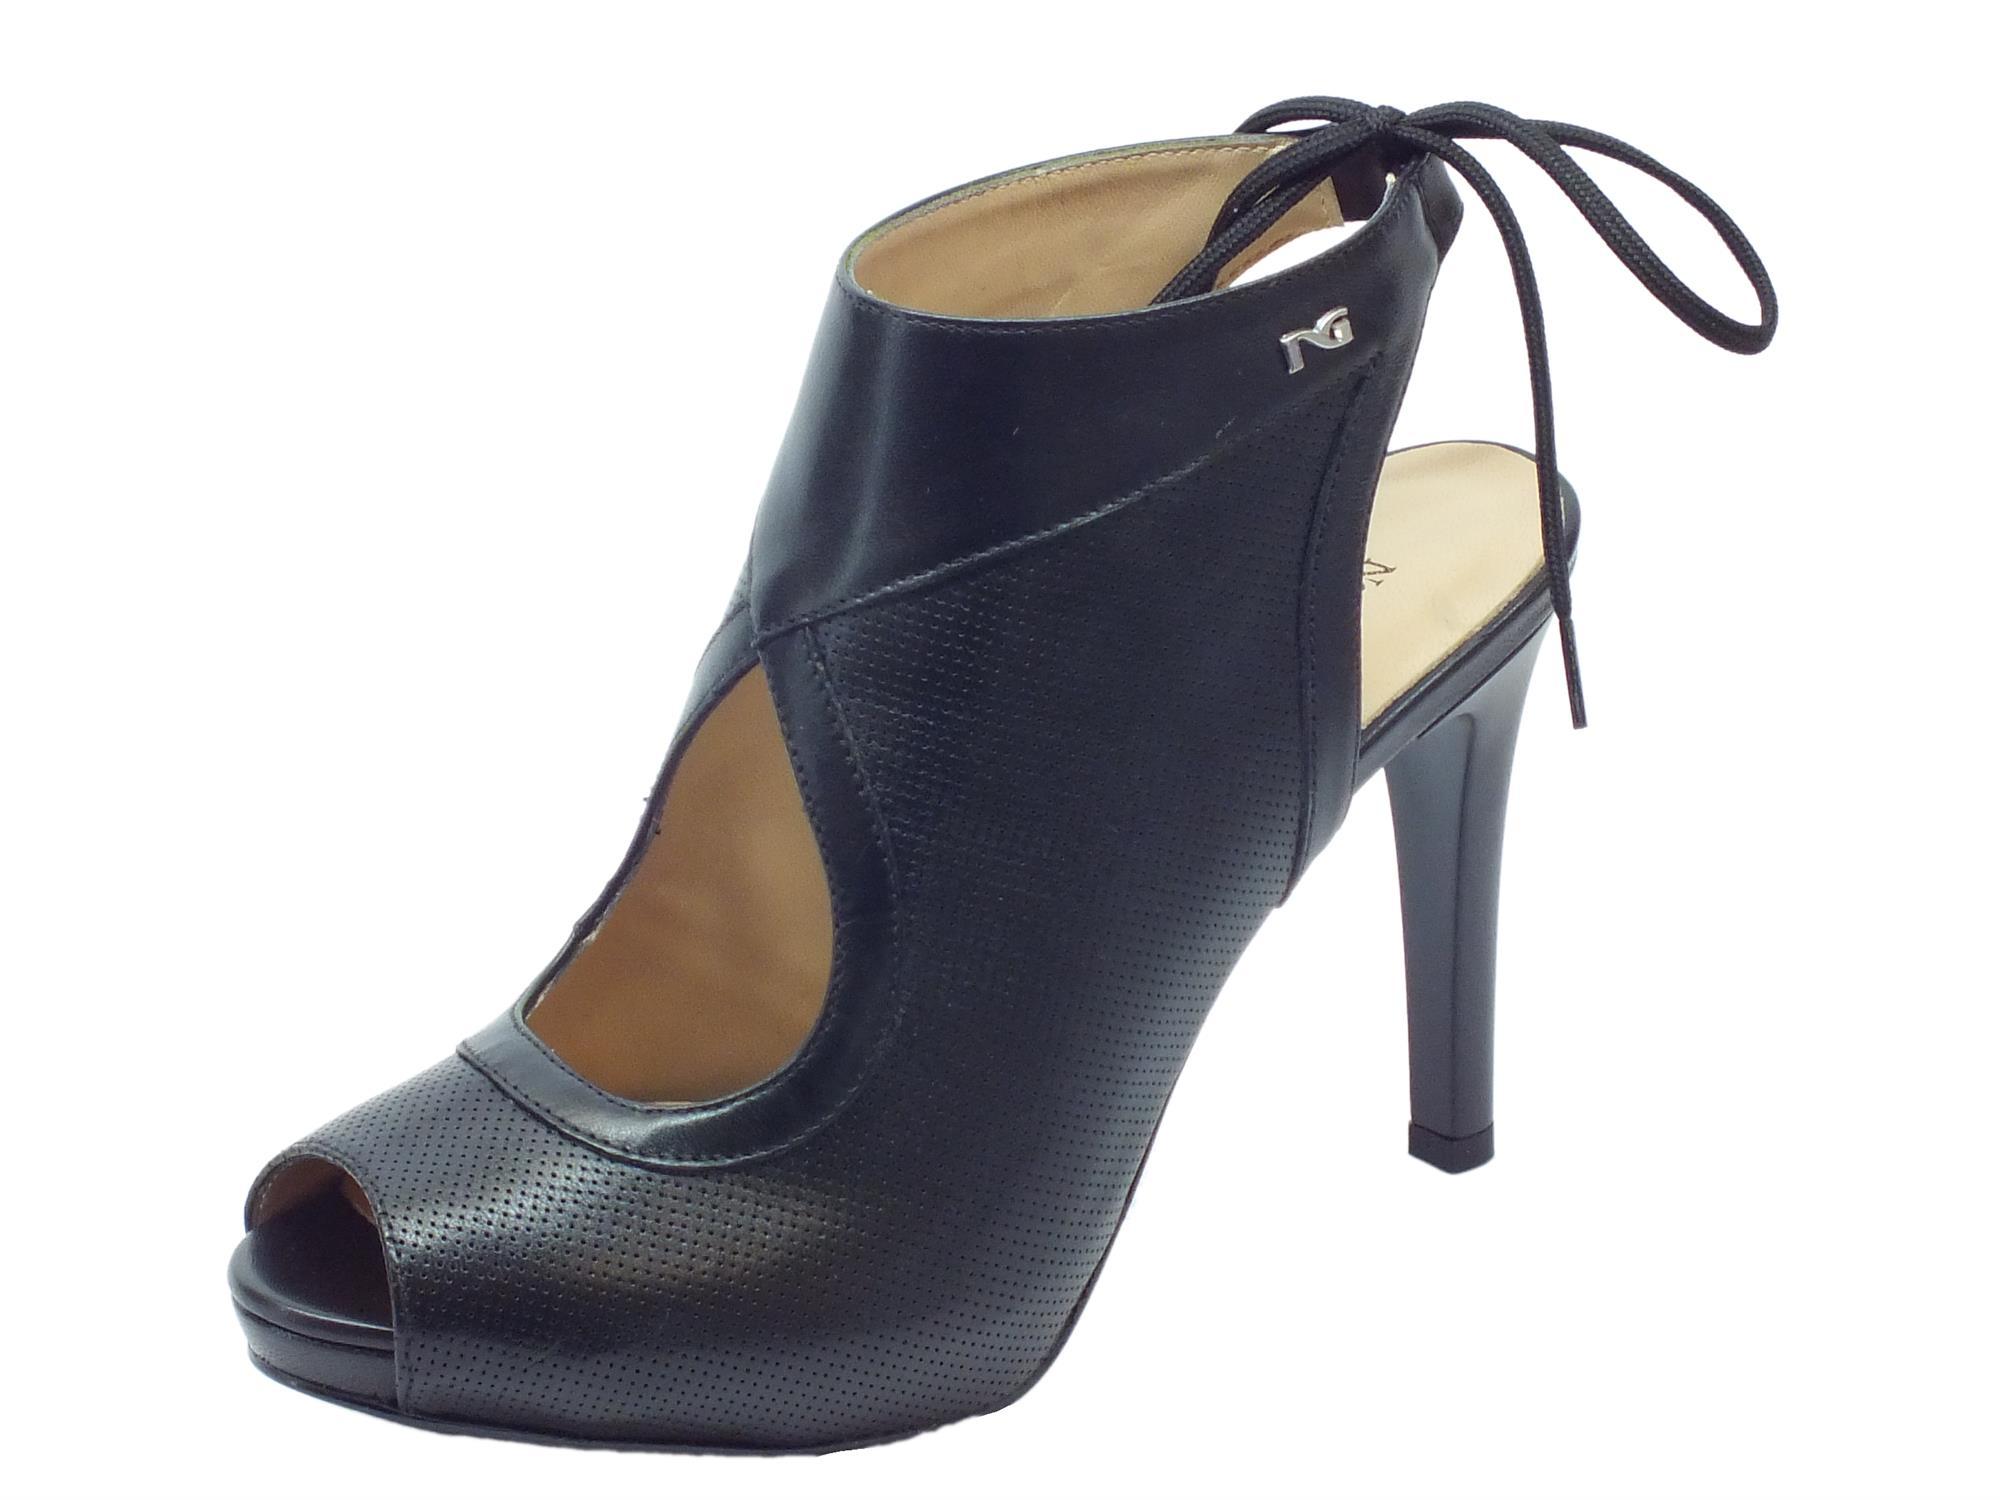 Sandali spuntati NeroGiardini per donna in pelle nera effetto traforato allaccio